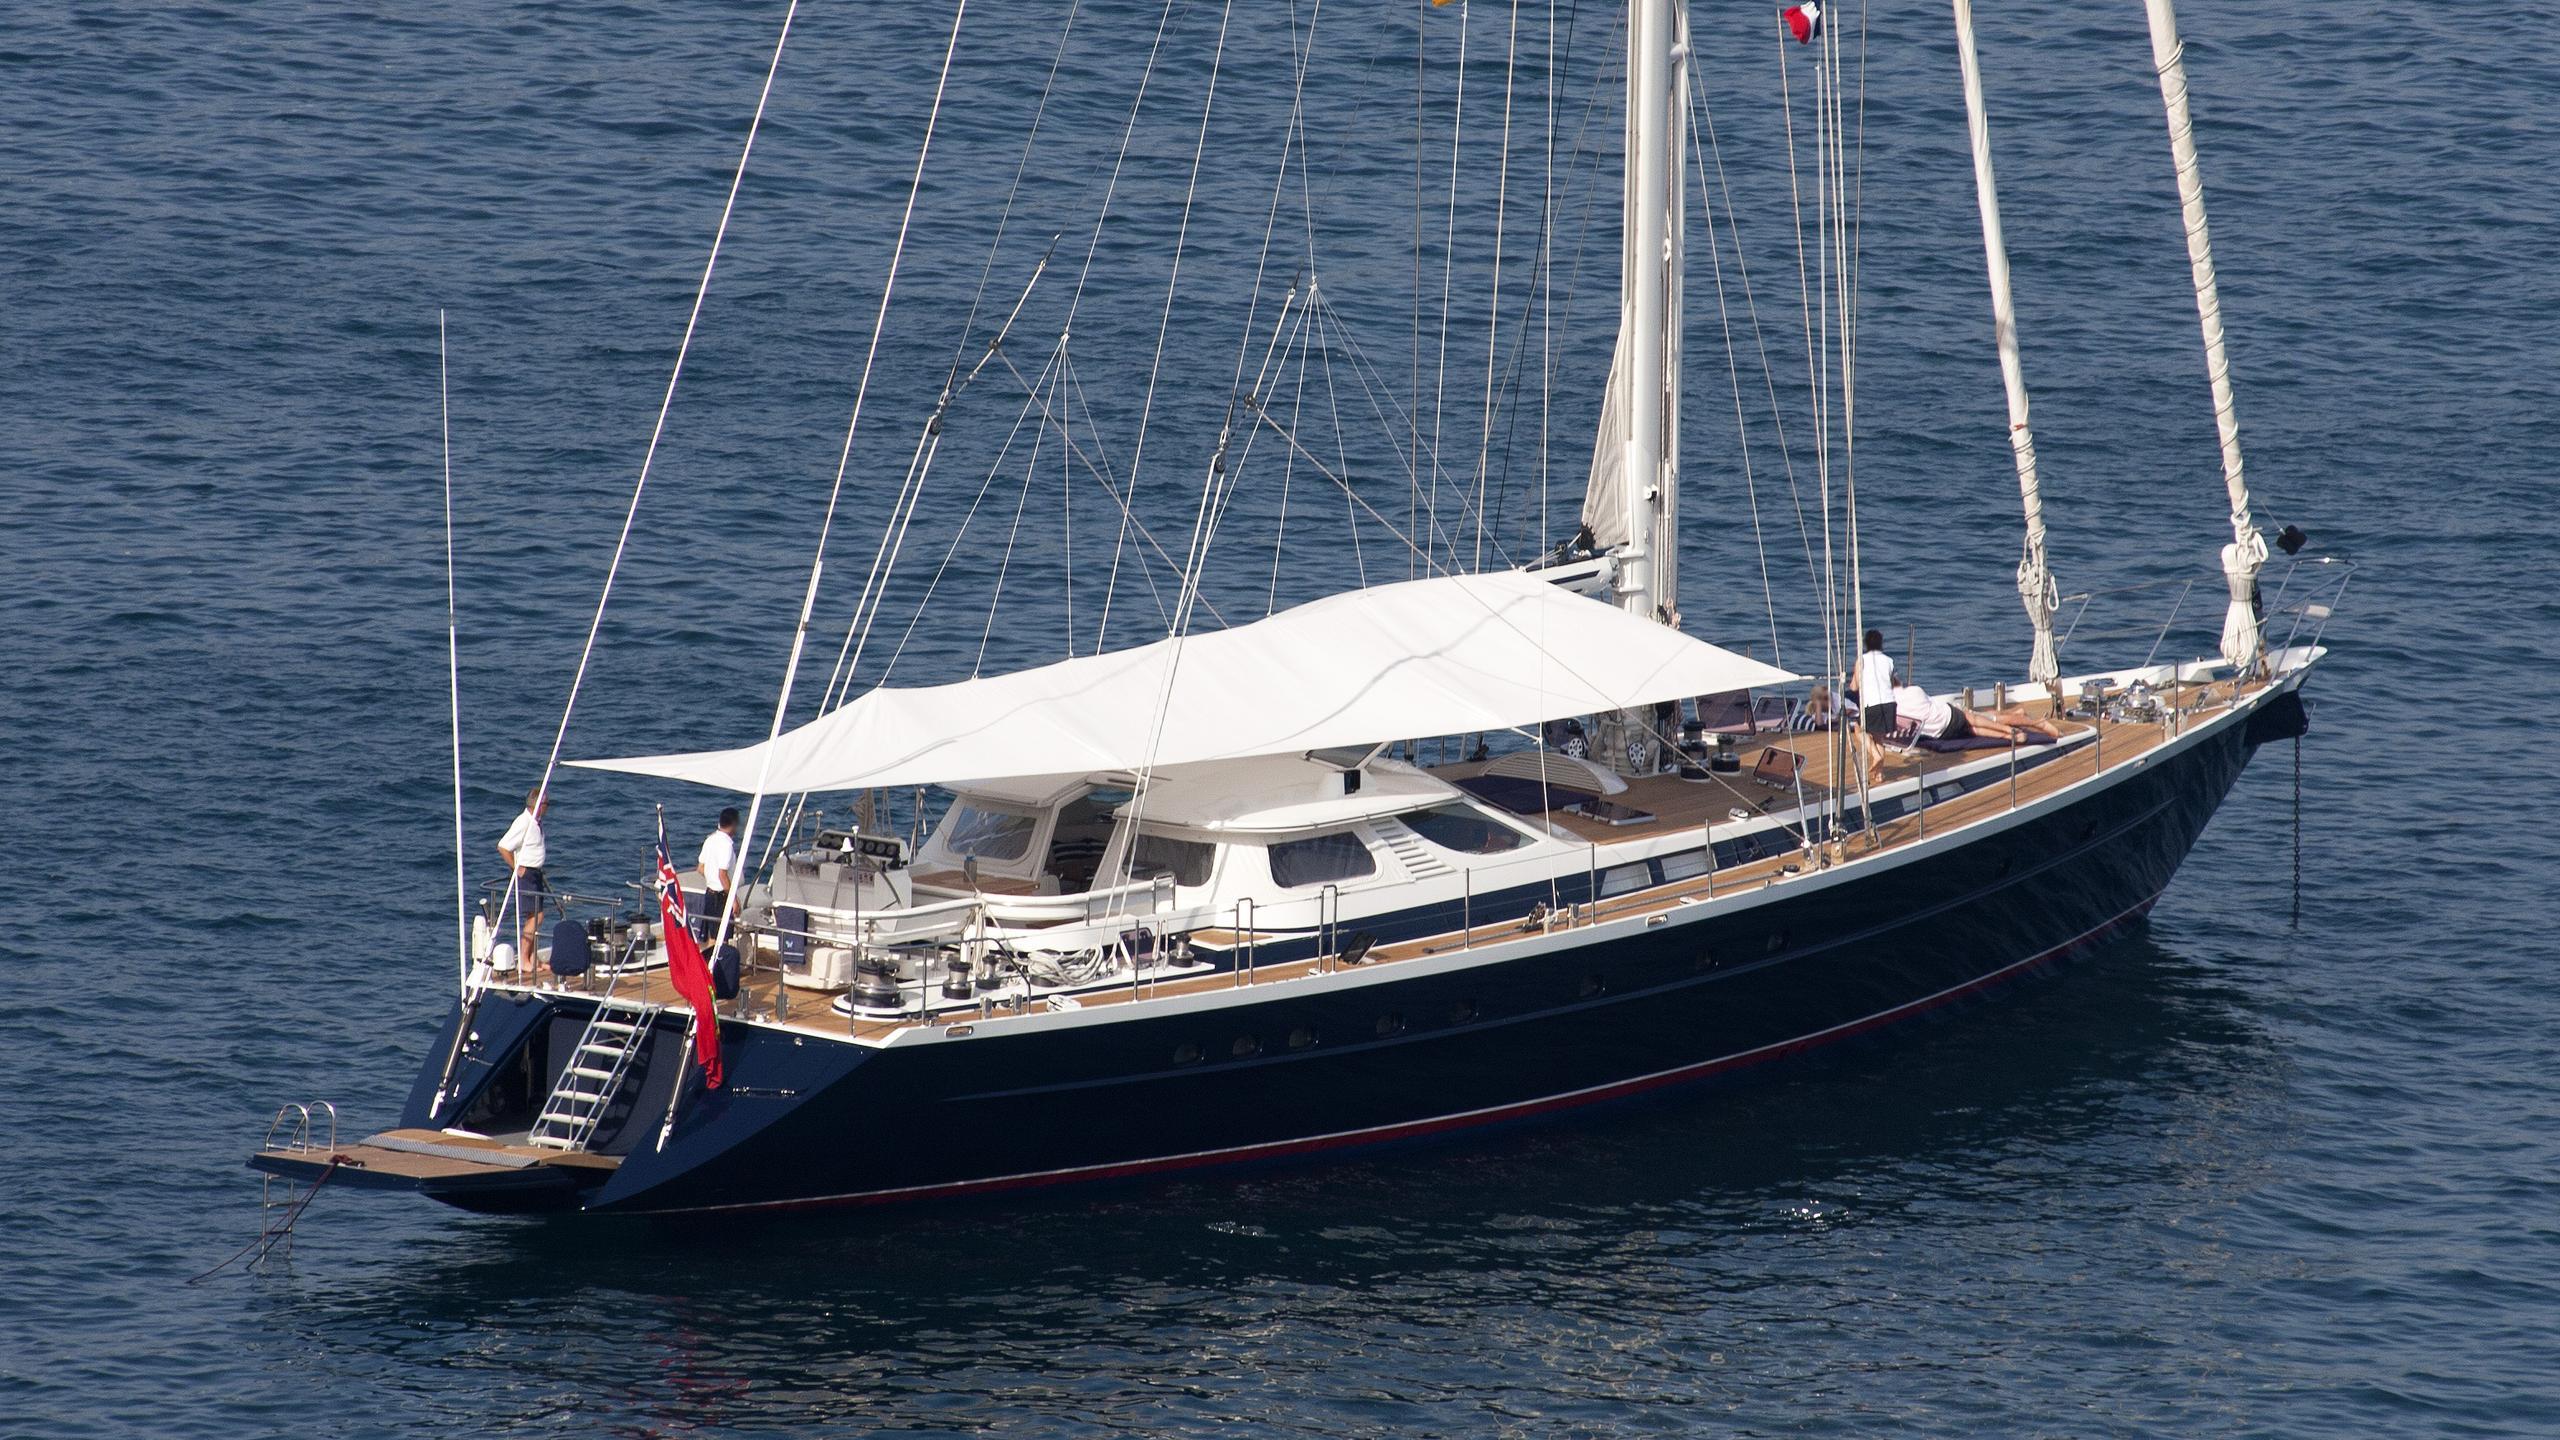 blue-papillon-ii-sailing-yacht-jongert-2900m-1993-30m-stern-aerial-view